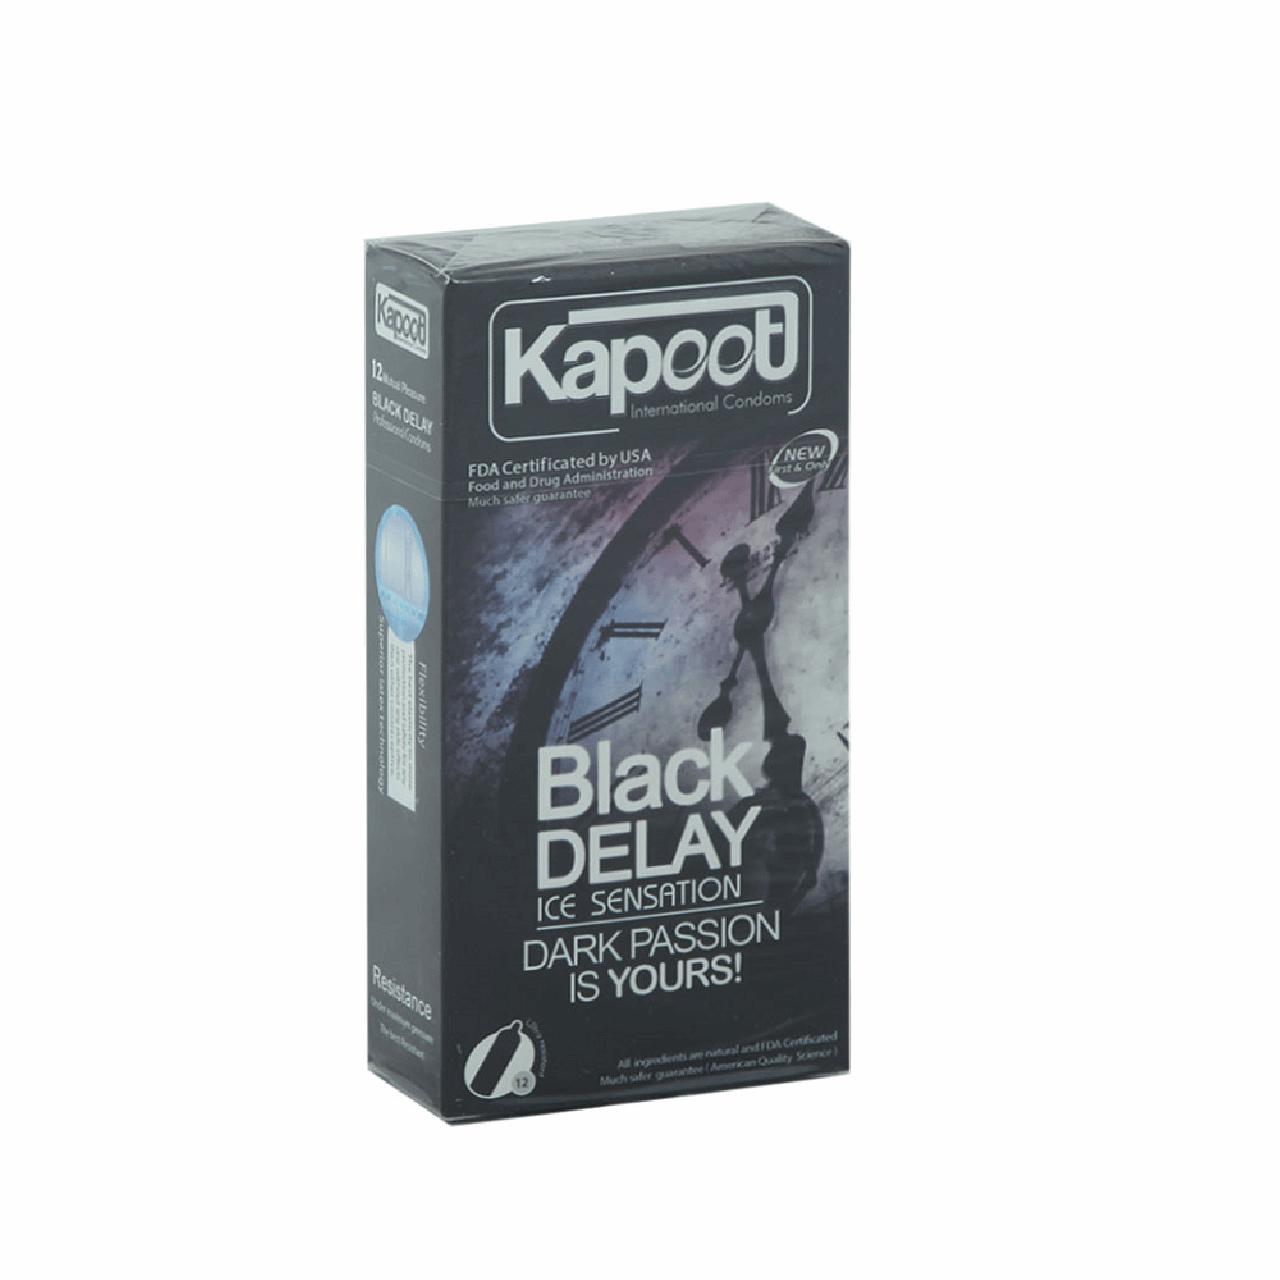 قیمت کاندوم تاخیری کاپوت مدل Black Delay  بسته 12 عددی